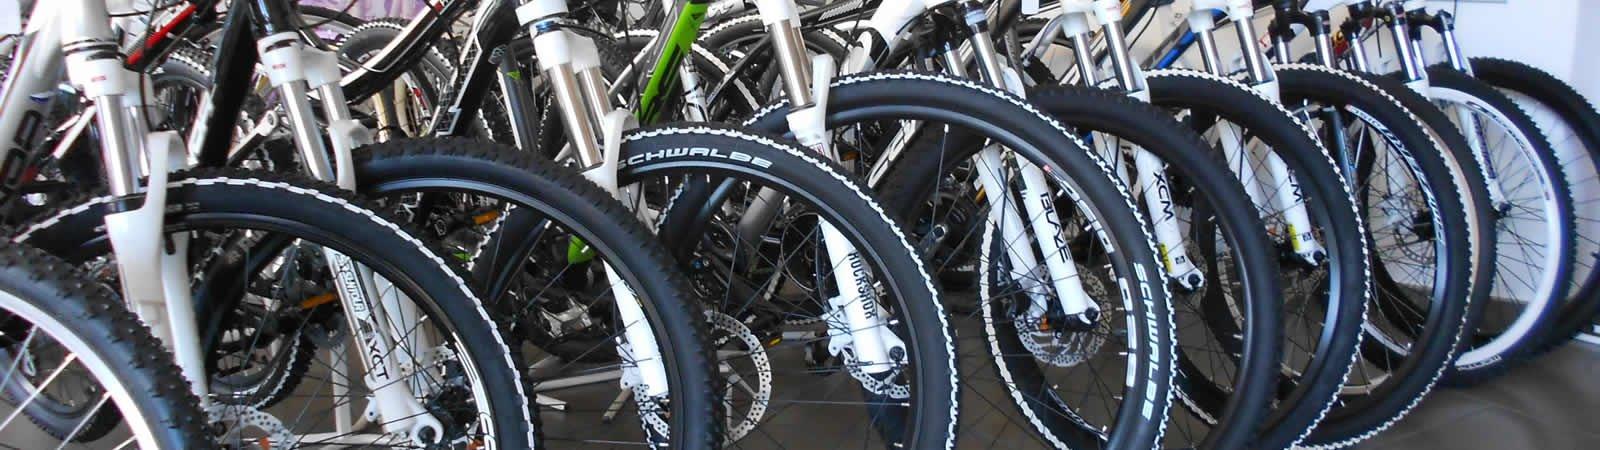 bicicletas en menorca